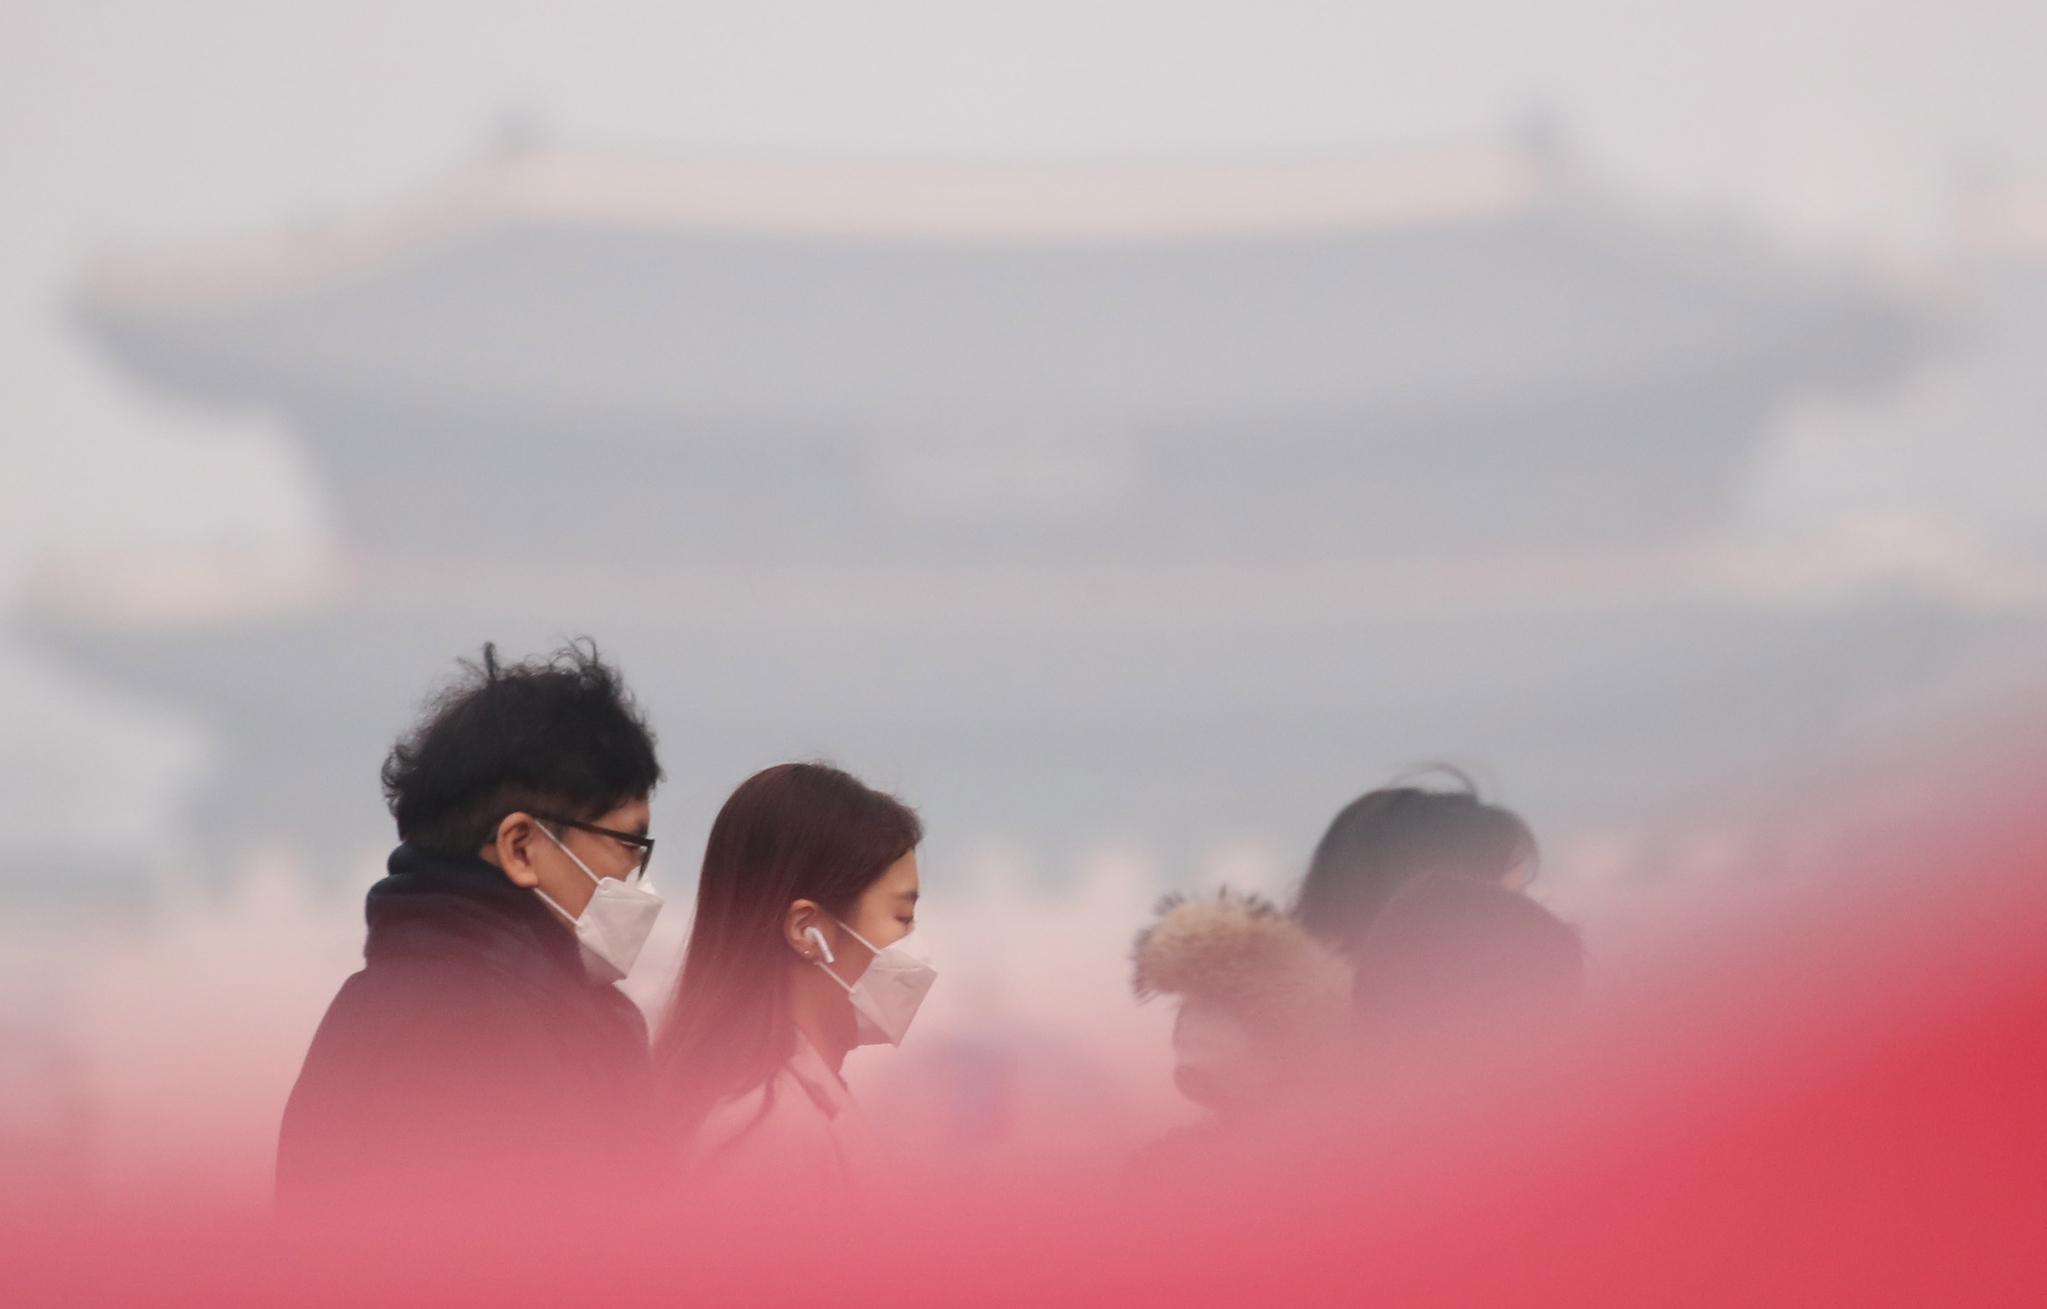 고농도 미세먼지가 기승을 부리면서 수도권을 포함한 전국 곳곳에 미세먼지 비상저감조치가 시행된 14일 오전 서울 종로구 광화문 세종대로 사거리에서 마스크를 쓴 출근길 시민들이 발걸음을 옮기고 있다. [연합뉴스]